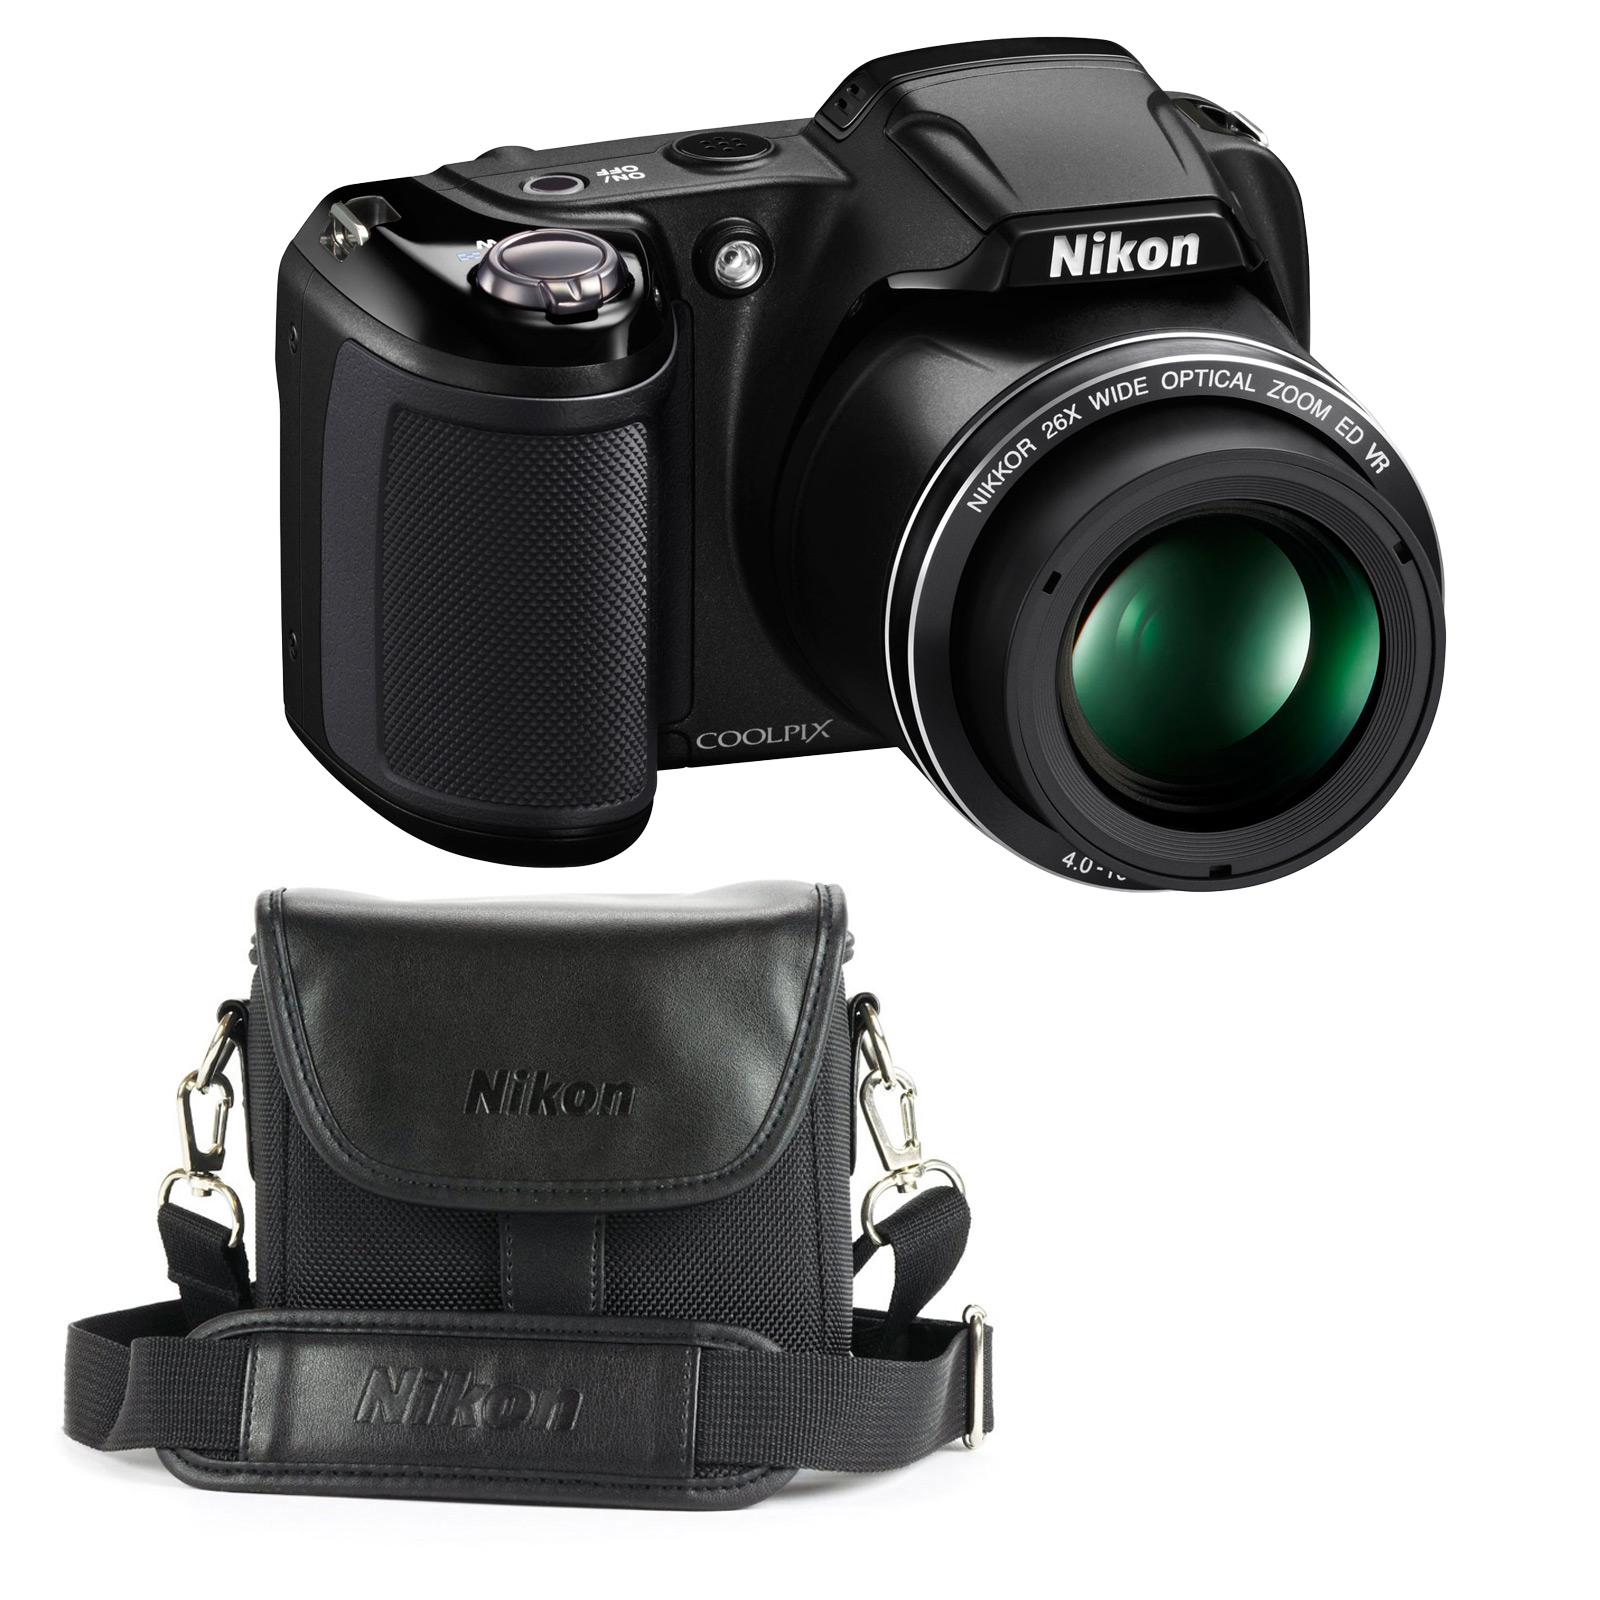 Appareil photo numérique Nikon Coolpix L330 Noir + Nikon CS-P08 Noir Appareil photo 20 MP - Zoom optique grand-angle 26x - Vidéo HD + Étui